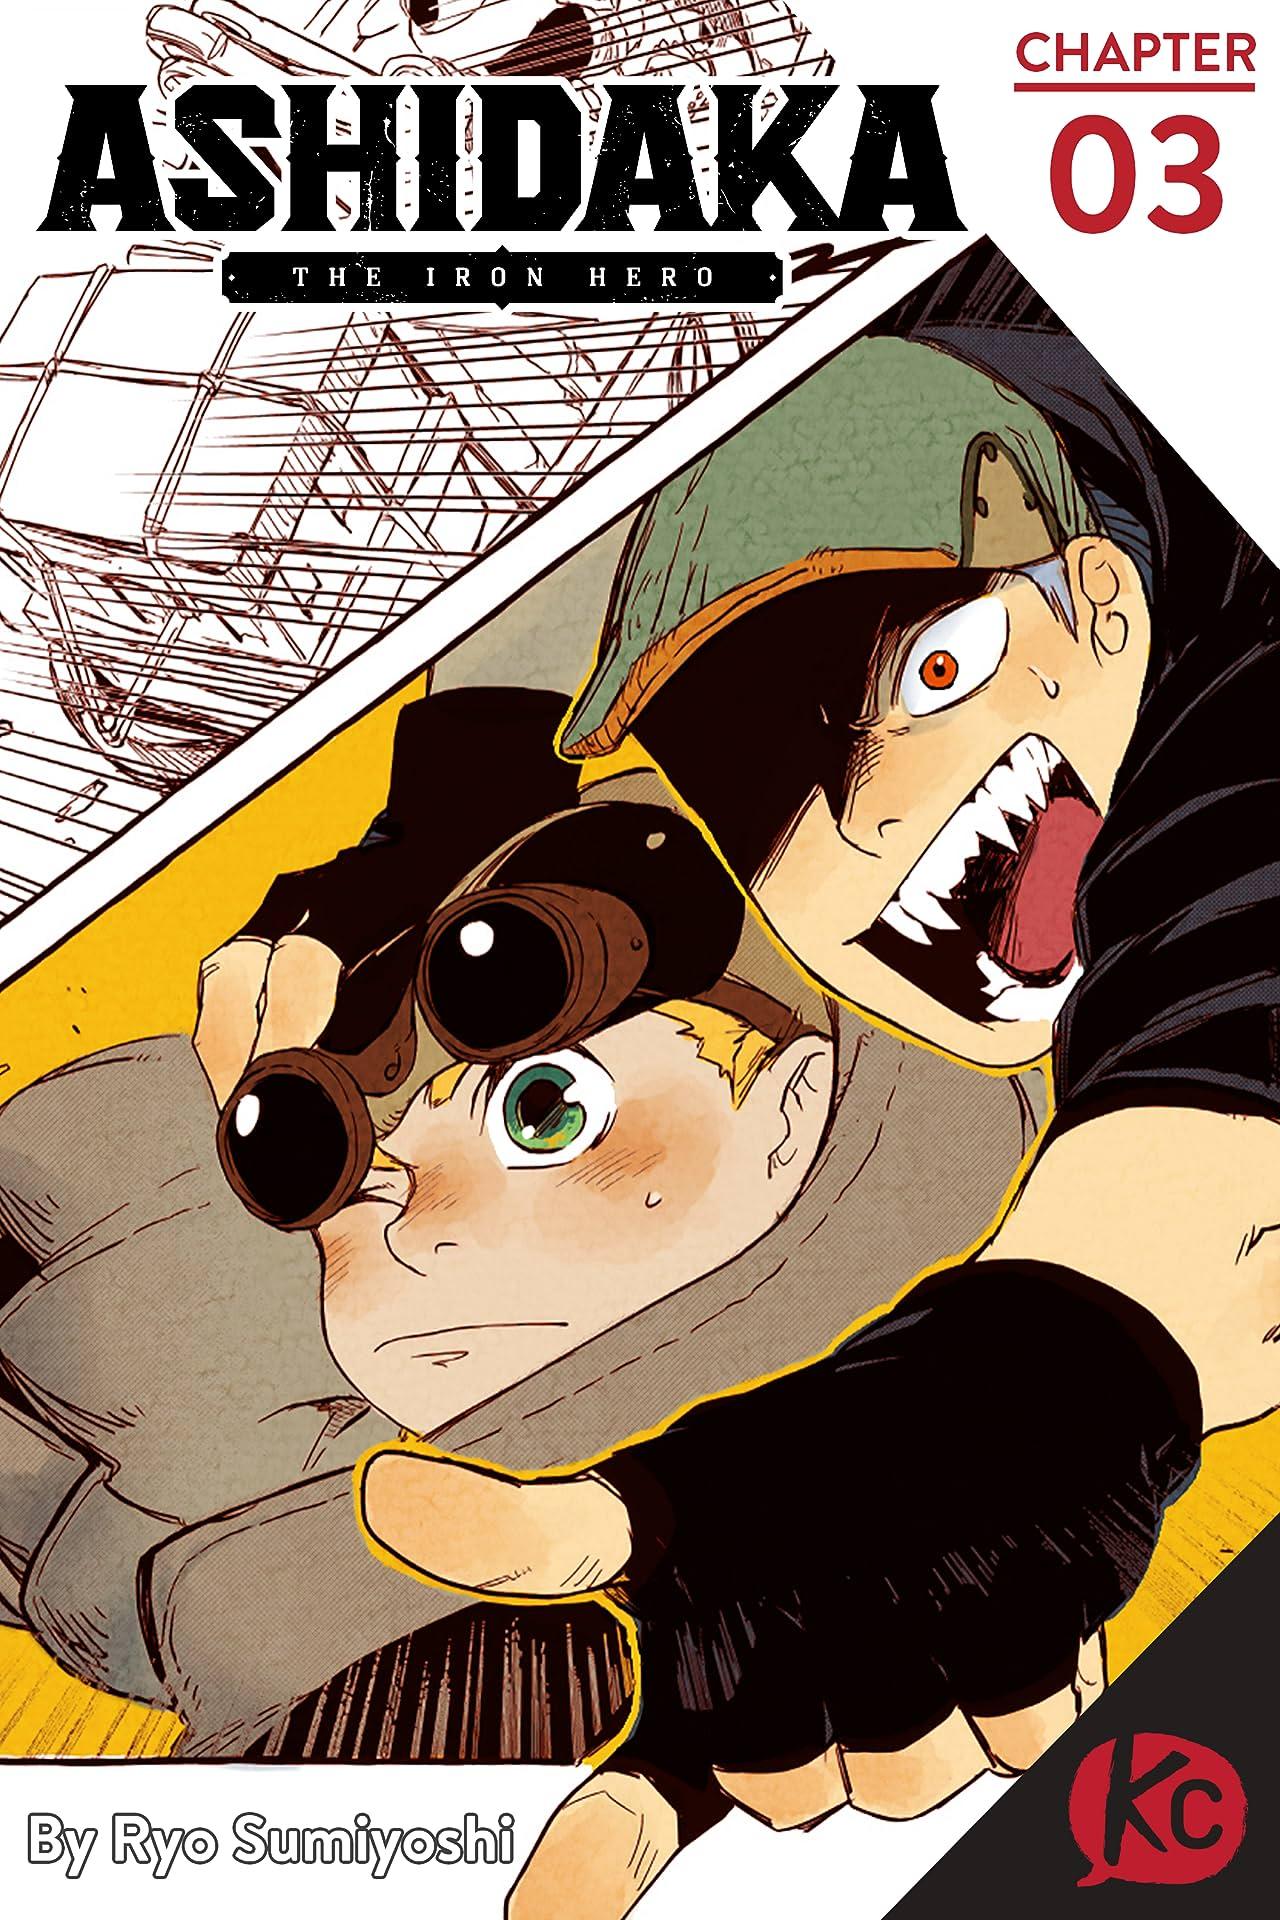 ASHIDAKA -The Iron Hero- #3